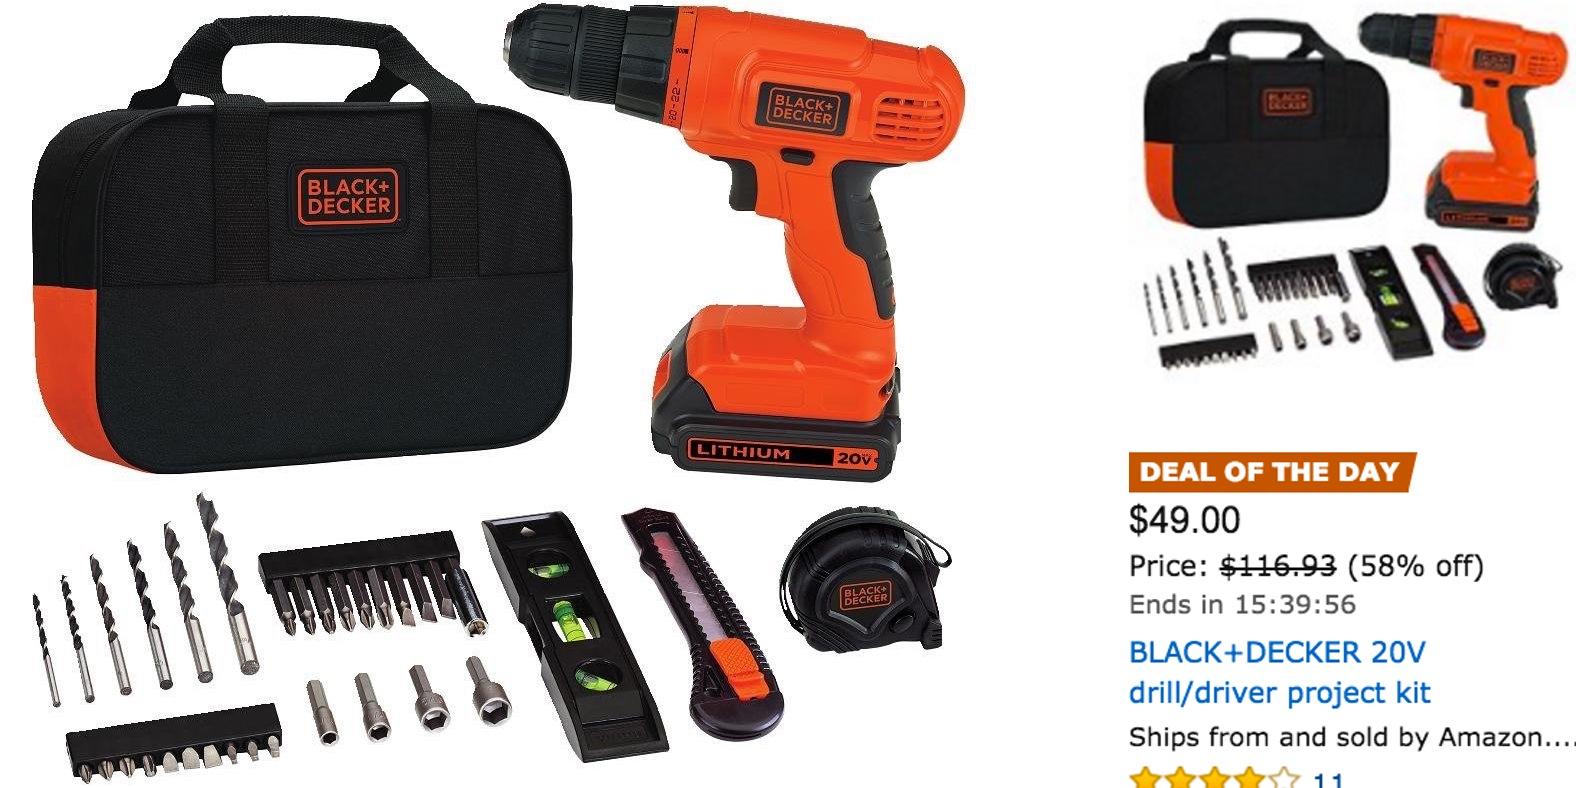 Black-Decker-drill-set-deal